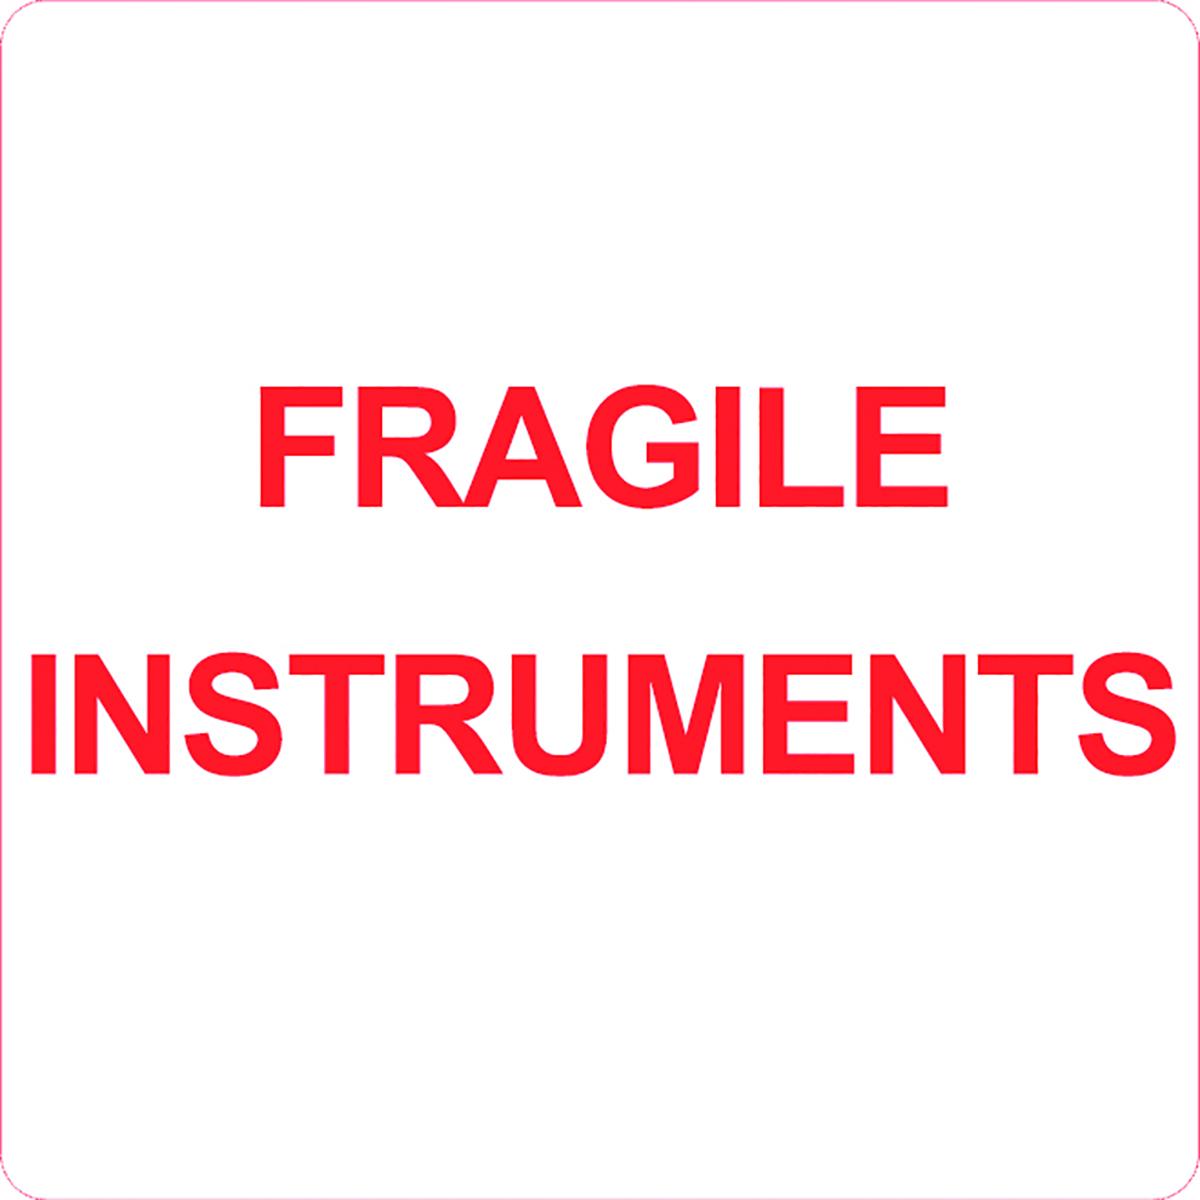 Fragile Instruments Alert Label  Image